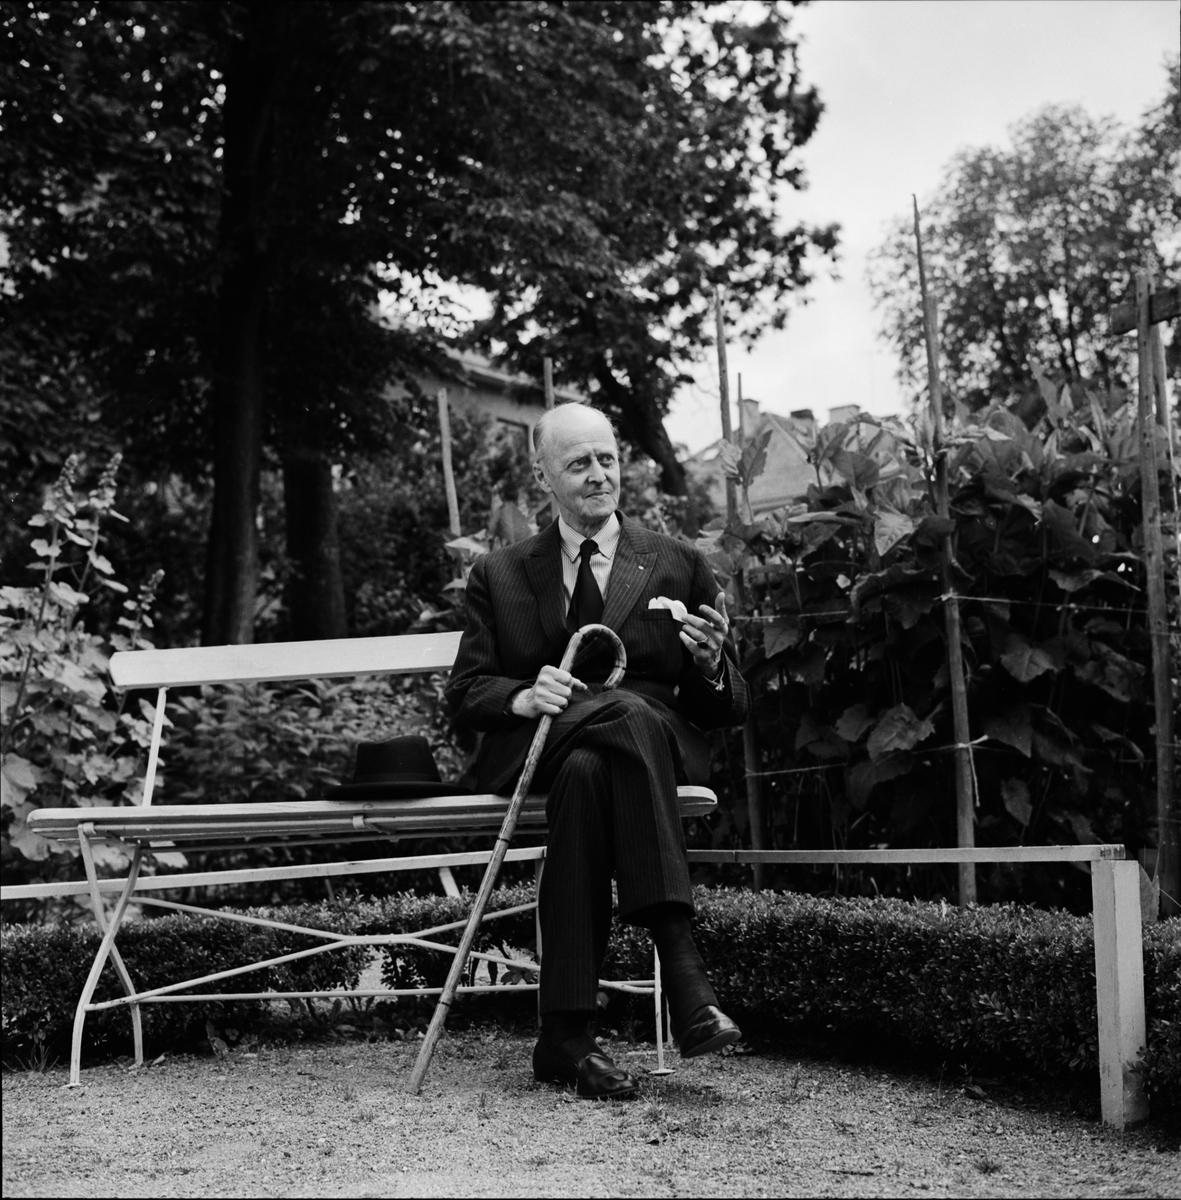 """Linnéträdgården - """"en av vår tids lärdaste Linnékännare är förste bibliotekarien fil. dr. Arvid Hj. Uggla"""", Uppsala"""